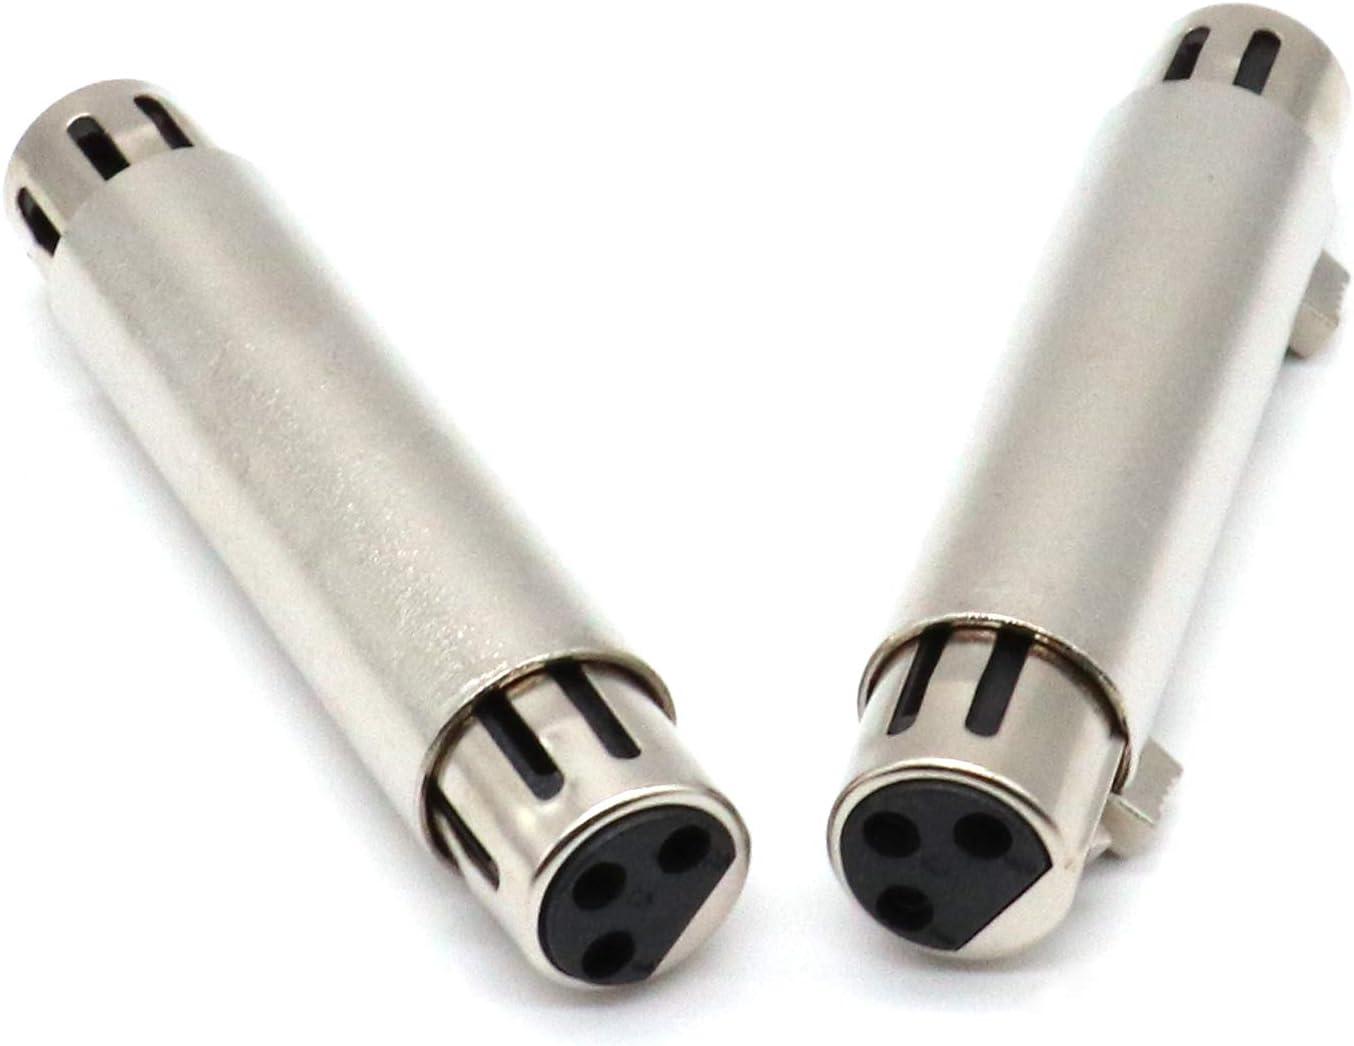 extensi/ón de barril de micr/ófono paquete de 2 XLRF Adaptador de micr/ófono de audio de metal de 3 pines para trabajo pesado Adaptador SiYear XLR hembra a XLR hembra